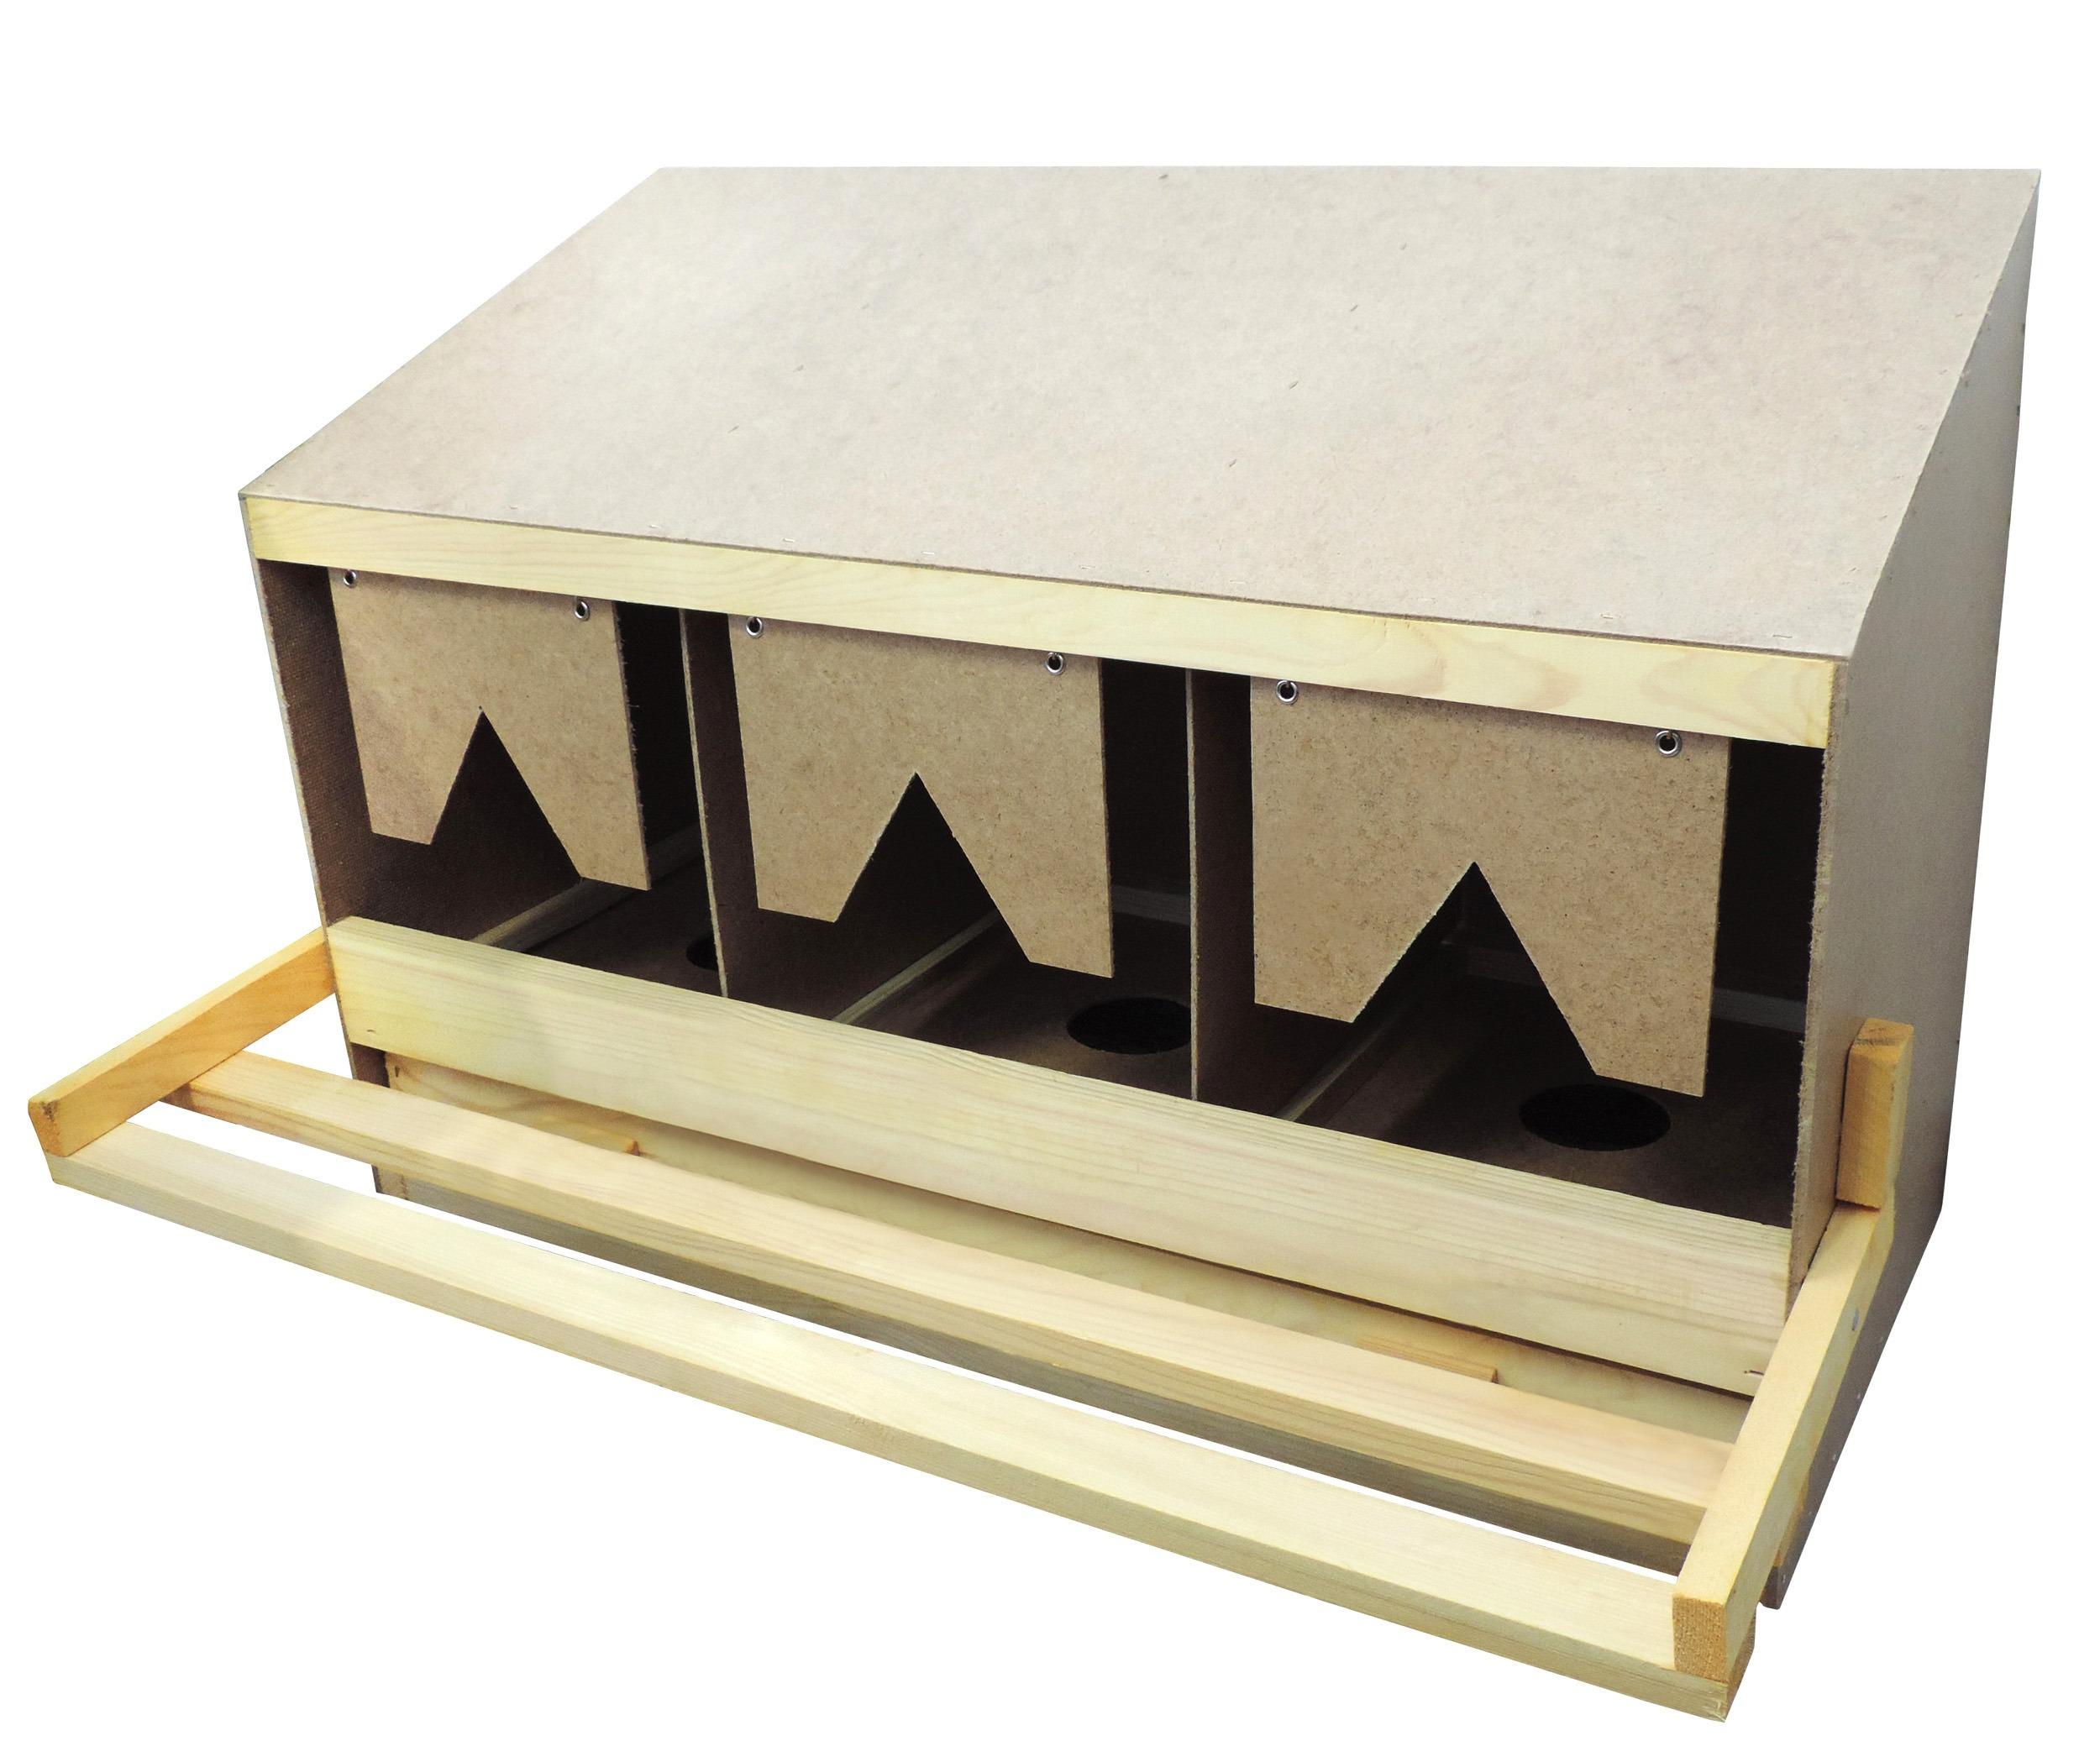 legenest mit 3 einzelnestern f r gro e h hner rassen. Black Bedroom Furniture Sets. Home Design Ideas